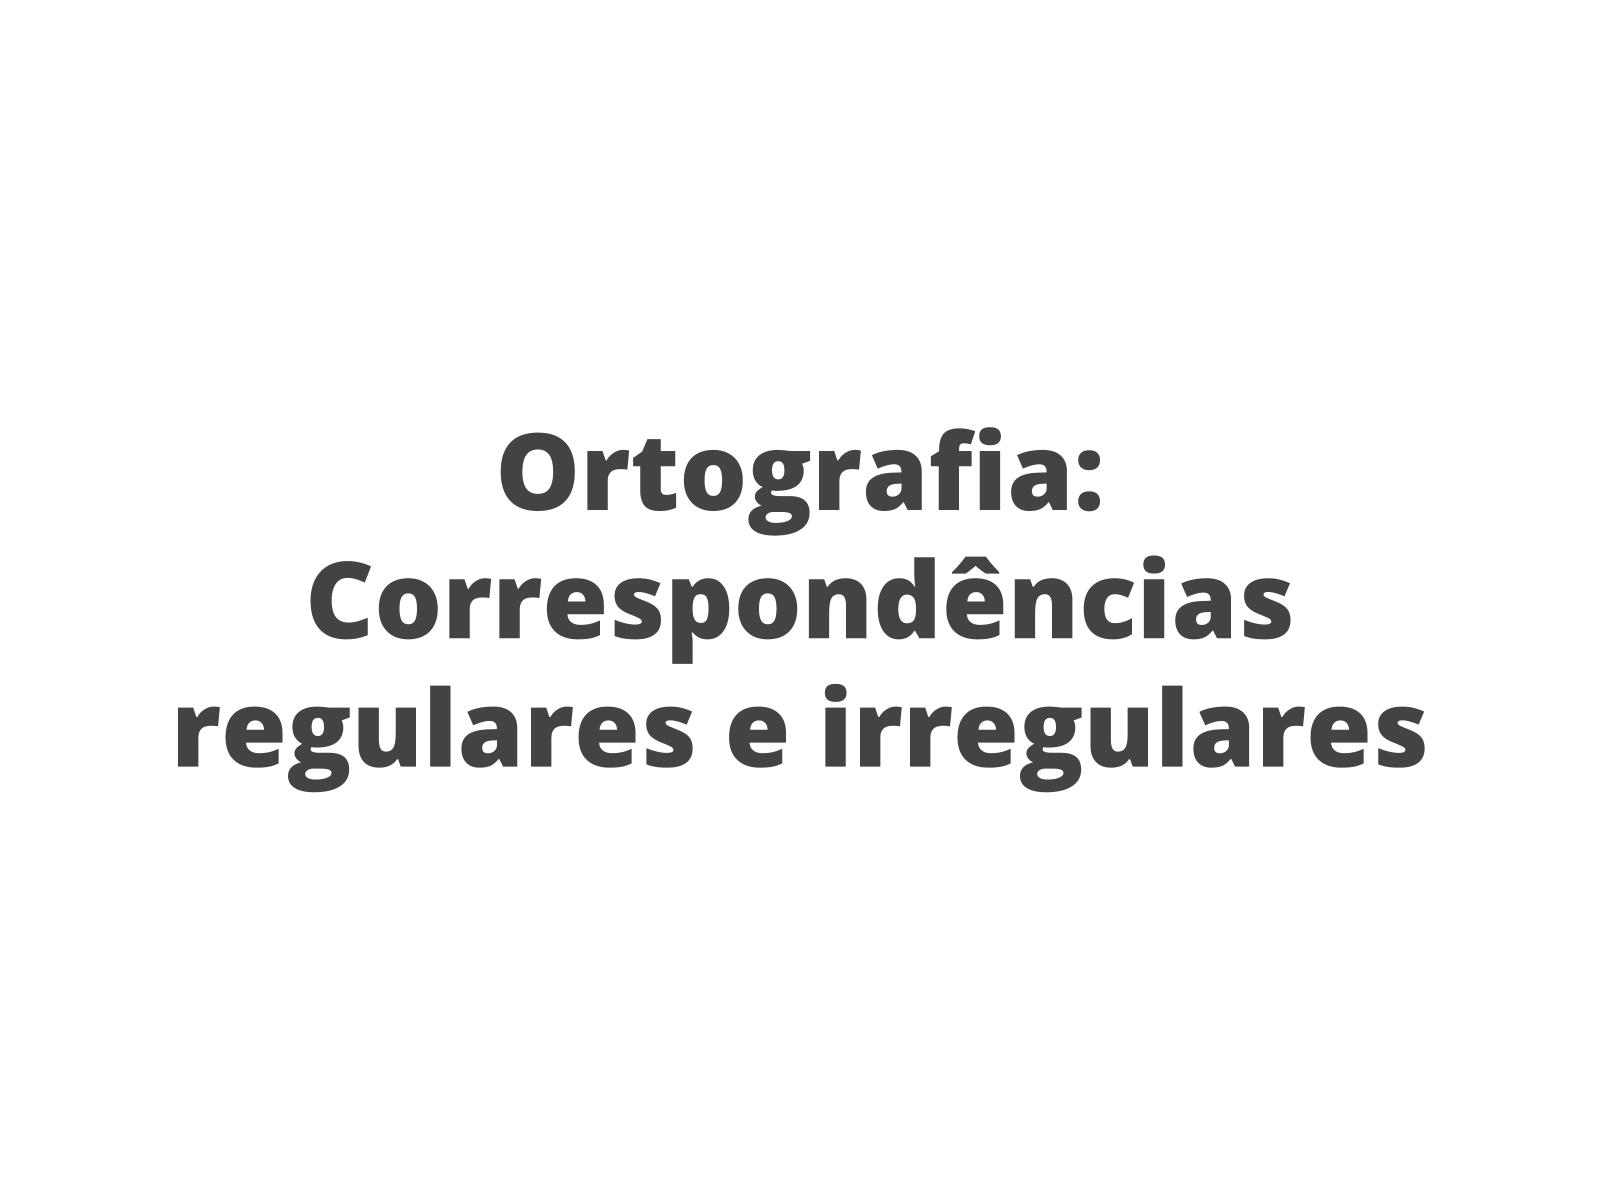 Ortografia: Correspondências regulares e irregulares